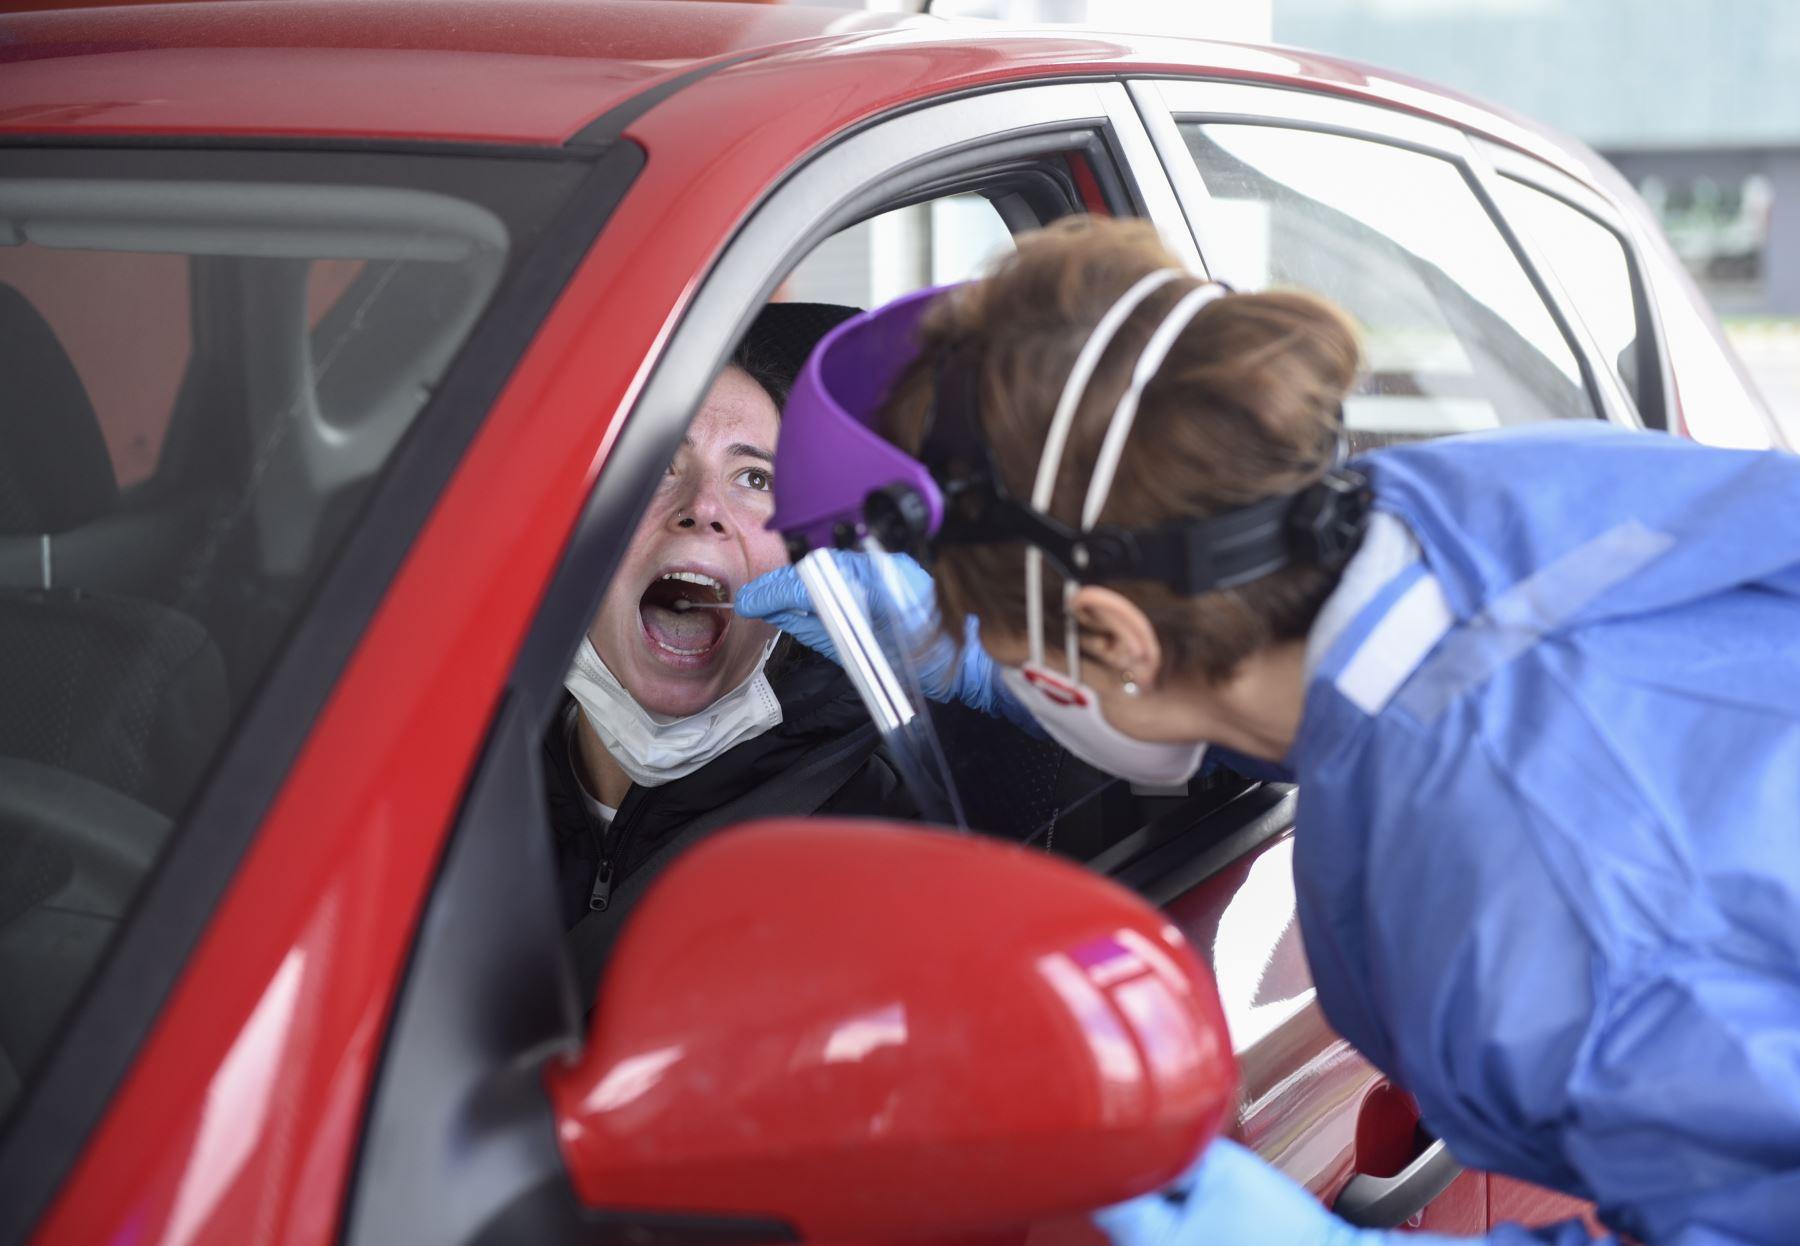 Un trabajador de la salud vestido con ropa protectora toma muestras de un conductor en un centro de pruebas de detección de la enfermedad COVID-19 en el Hospital Donostia en San Sebastián. La cifra de muertes por coronavirus en España superó a la de China, llegando a 3.434 después de 738 personas murieron en las últimas 24 horas, dijo el gobierno. Foto: AFP